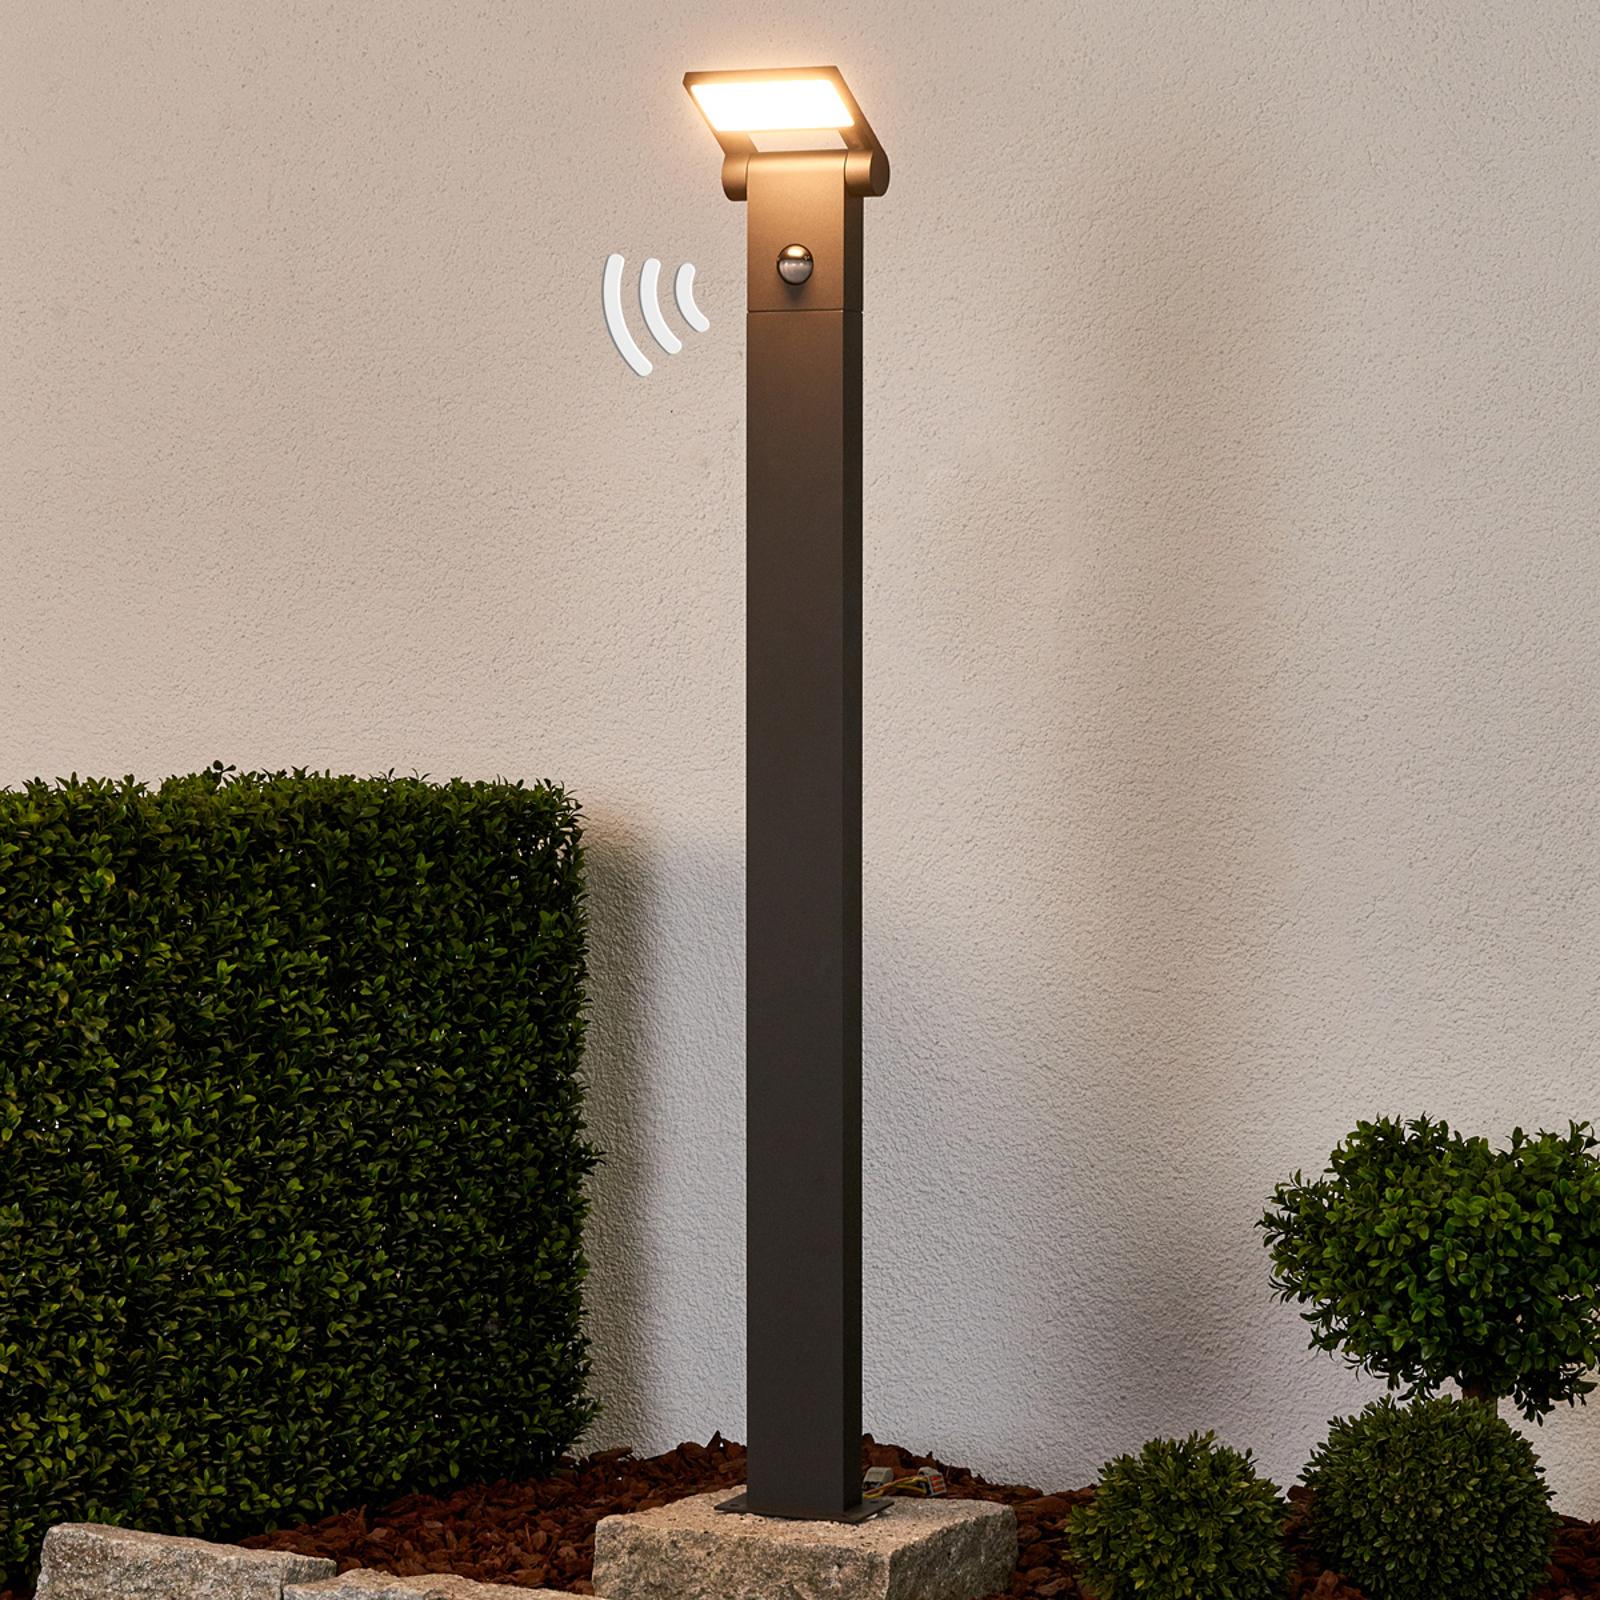 LED-Pollerlampe Marius mit Sensor, 100 cm